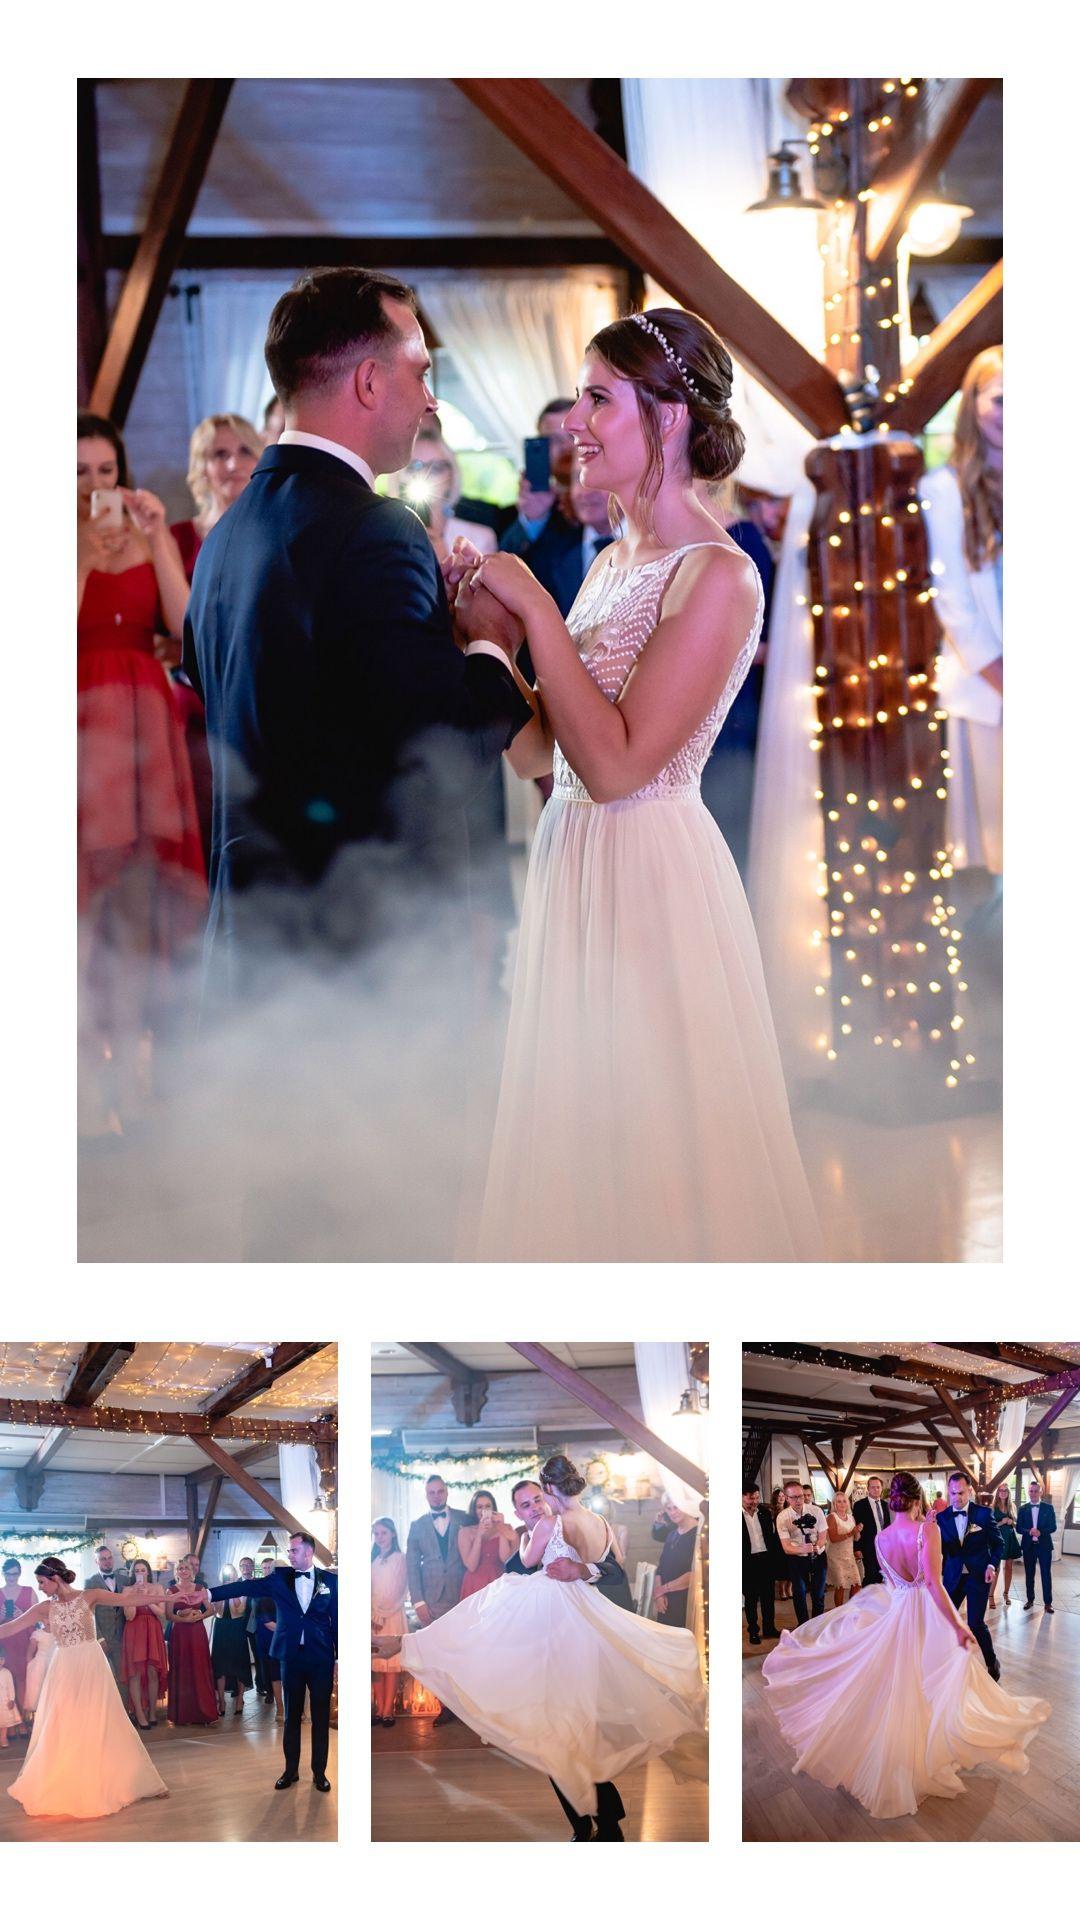 Wyjątkowe wesele w rustykalnym stylu Moja Weranda, Moja Weranda, Gołębiewo Średnie, rustykalny ślub, boho, Wesele w Mojej Werandzie, rustykalny ślub pomorze, sala na rustykalny ślub, fotograf boho, rustykalny fotograf, pierwszy taniec,